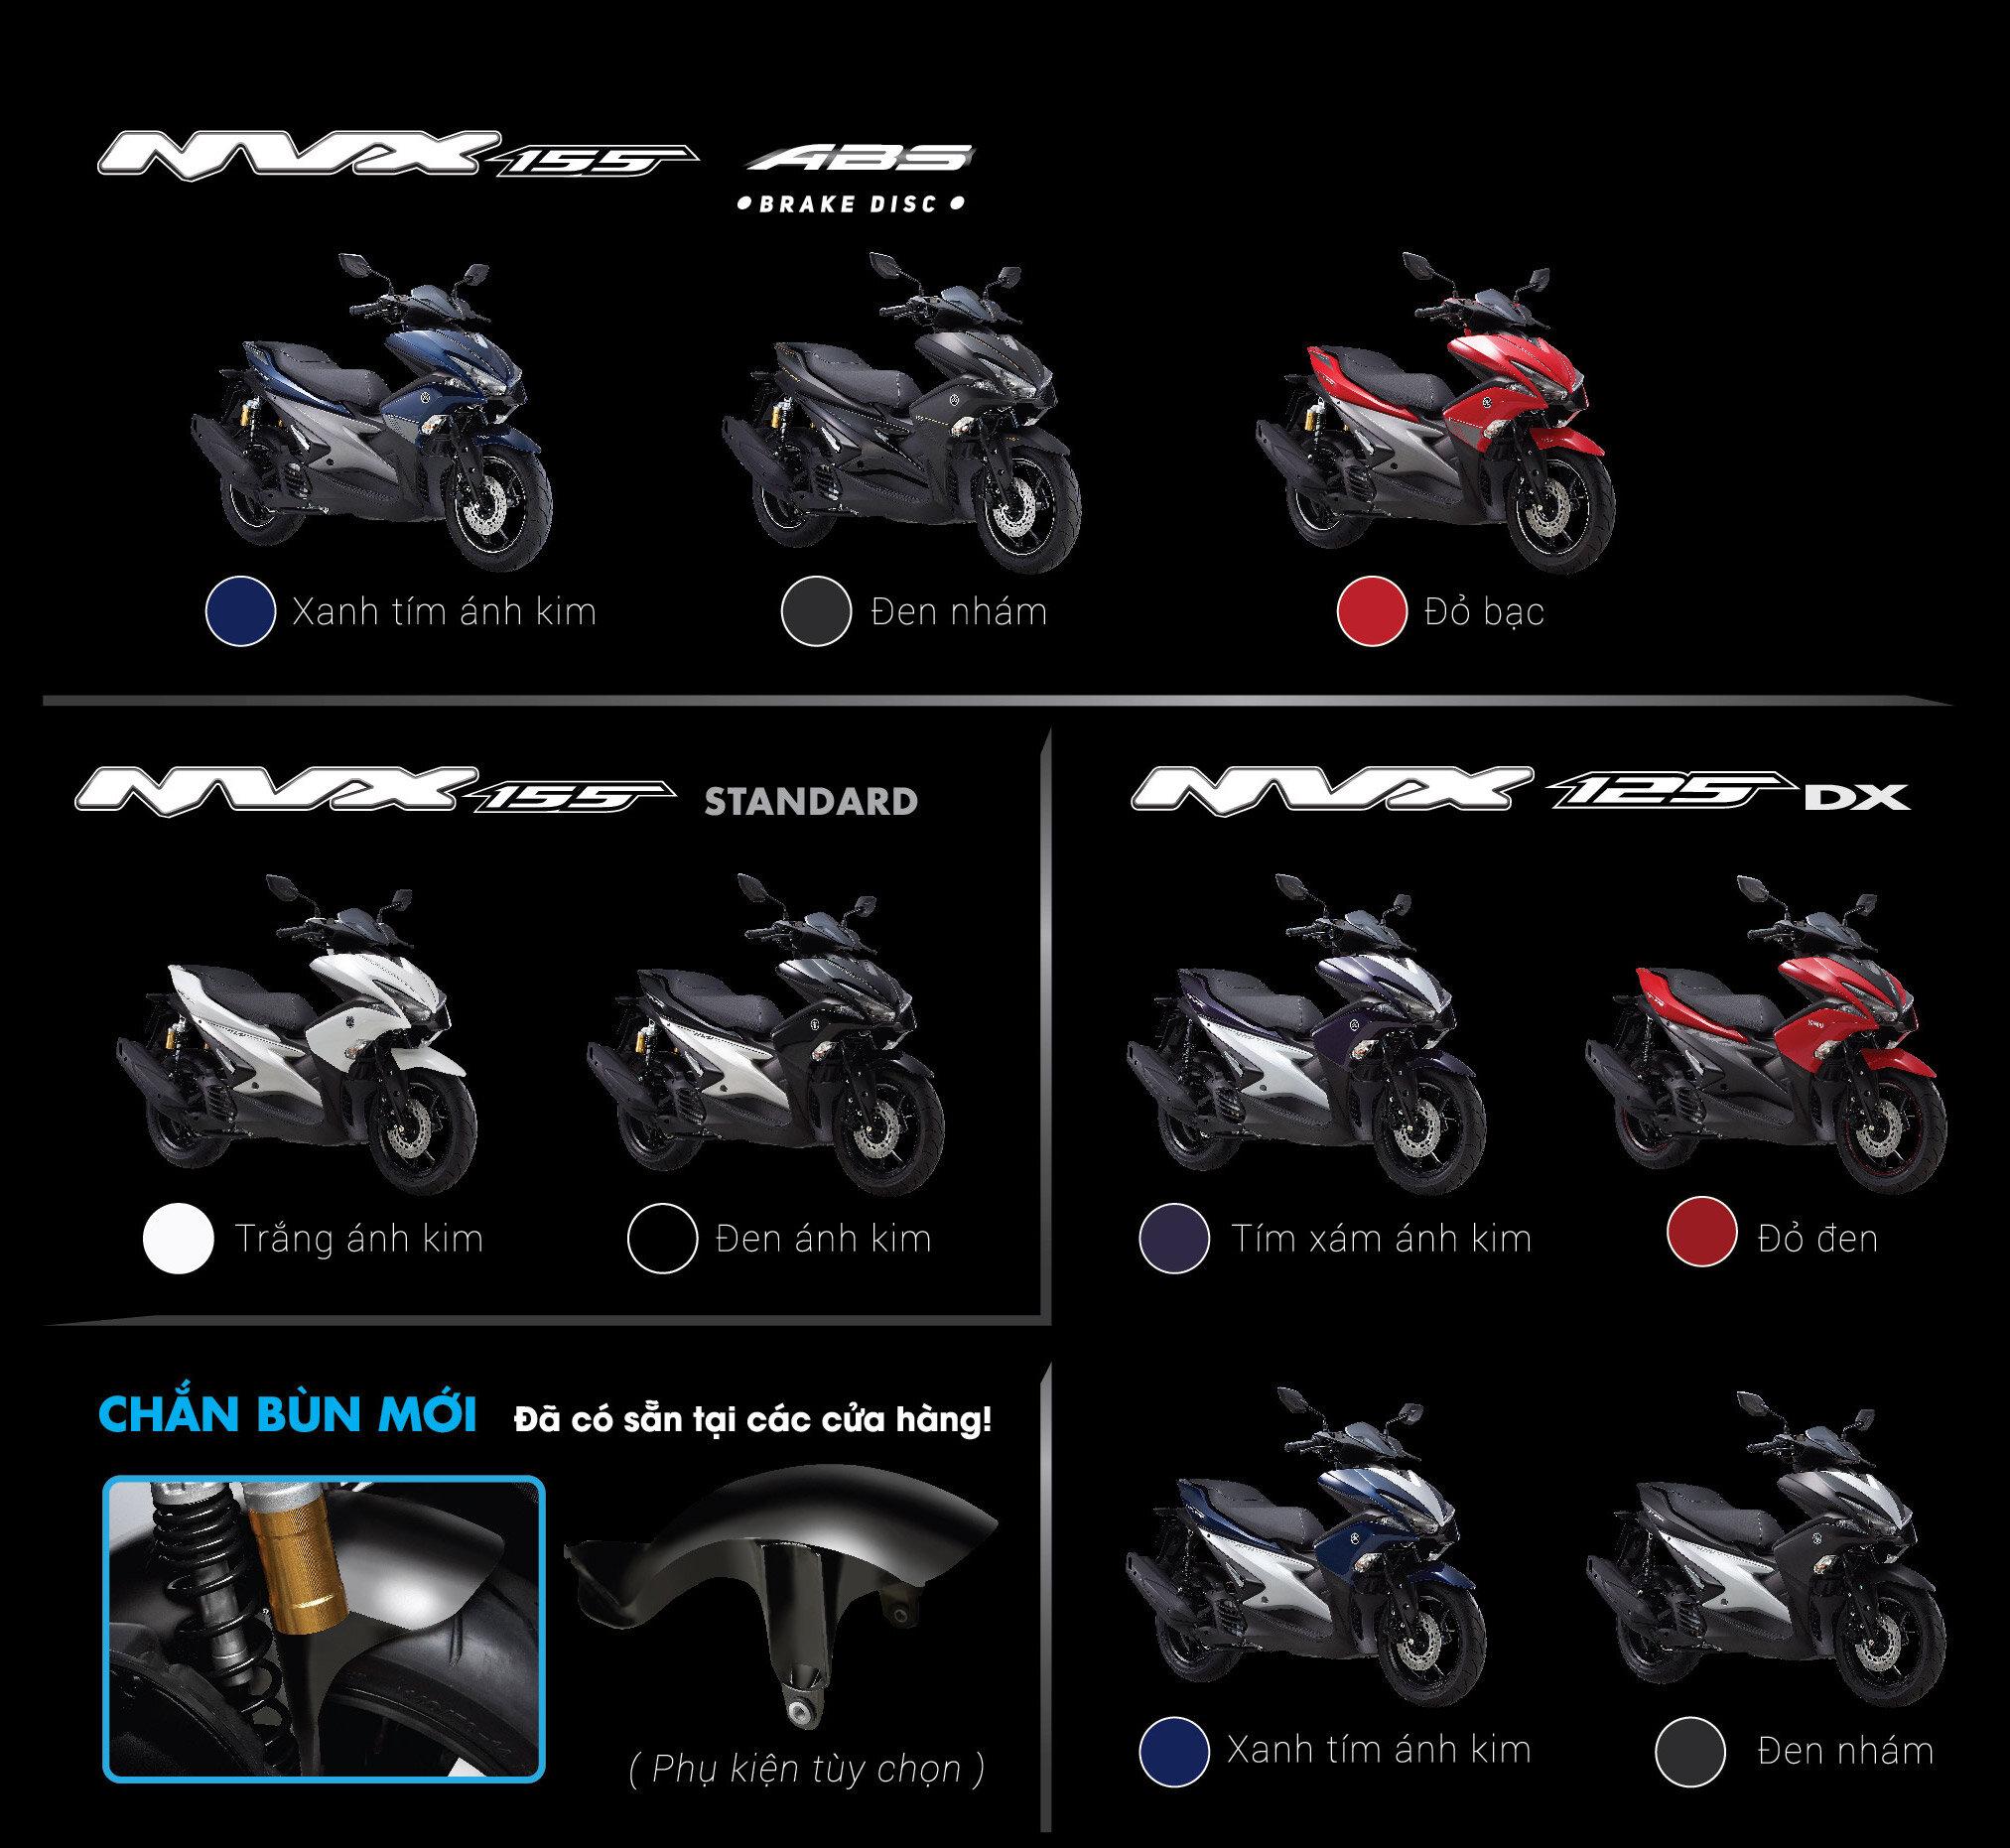 Dòng xe tay ga NVX của thương hiệu nổi tiếng Yamaha